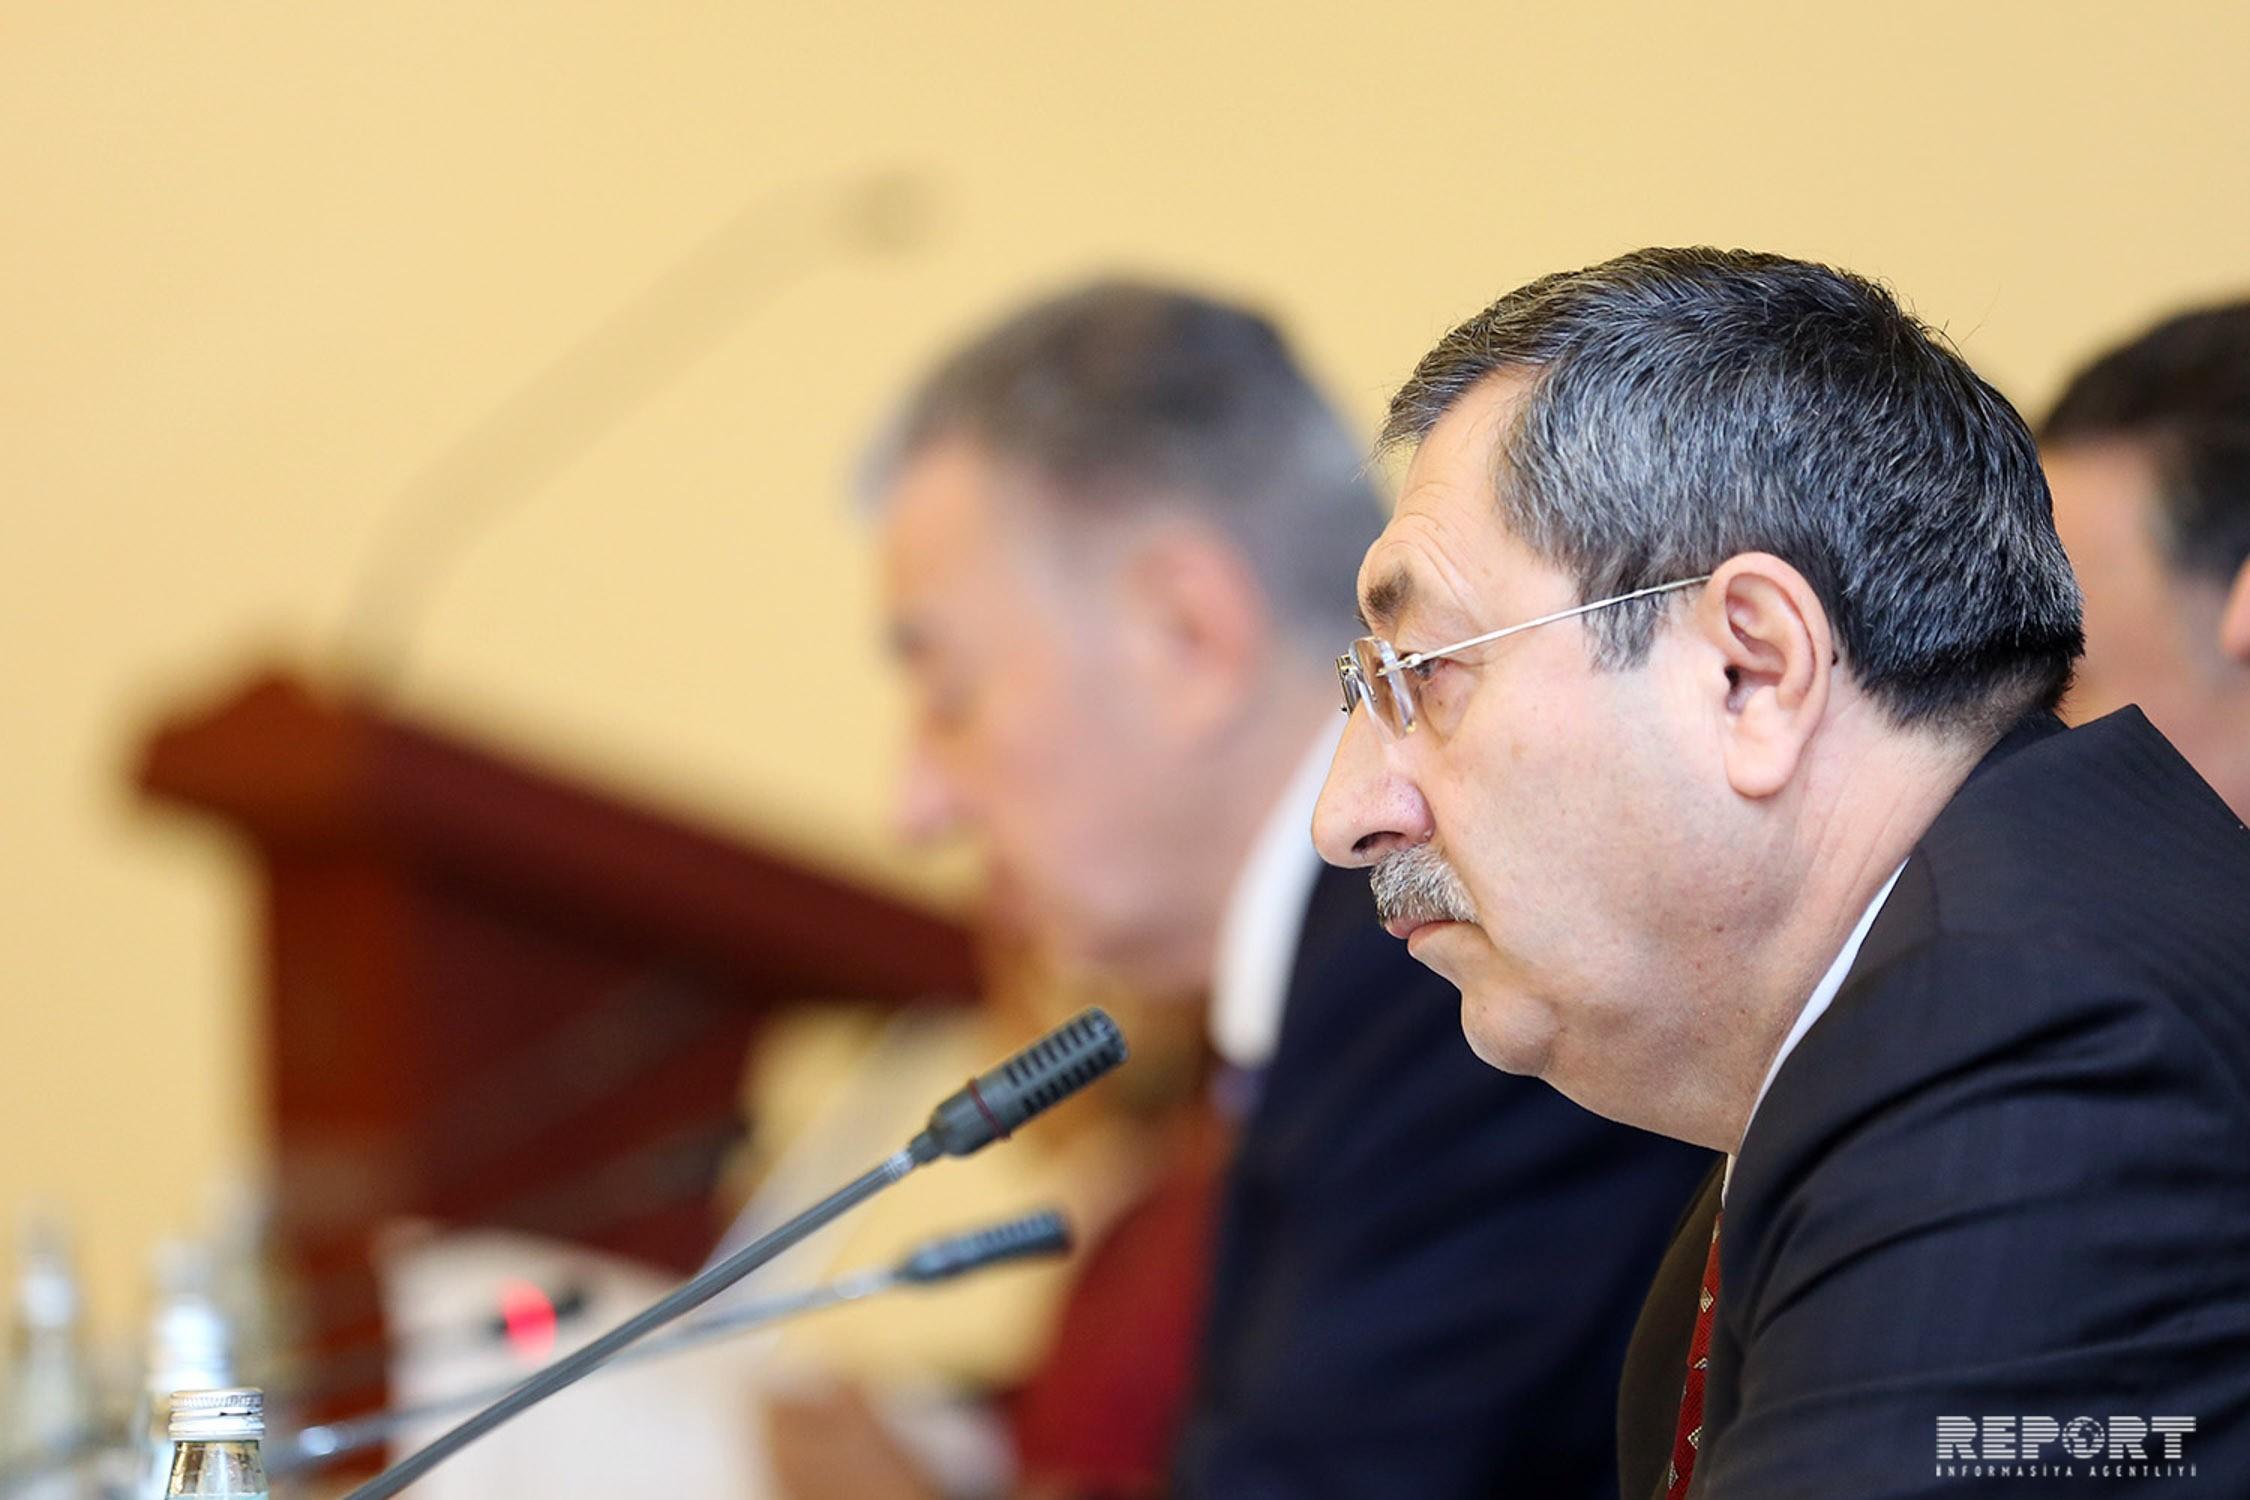 Халаф Халафов: Провести заседание рабочей группы по Каспию в ноябре не удастся - ИНТЕРВЬЮ